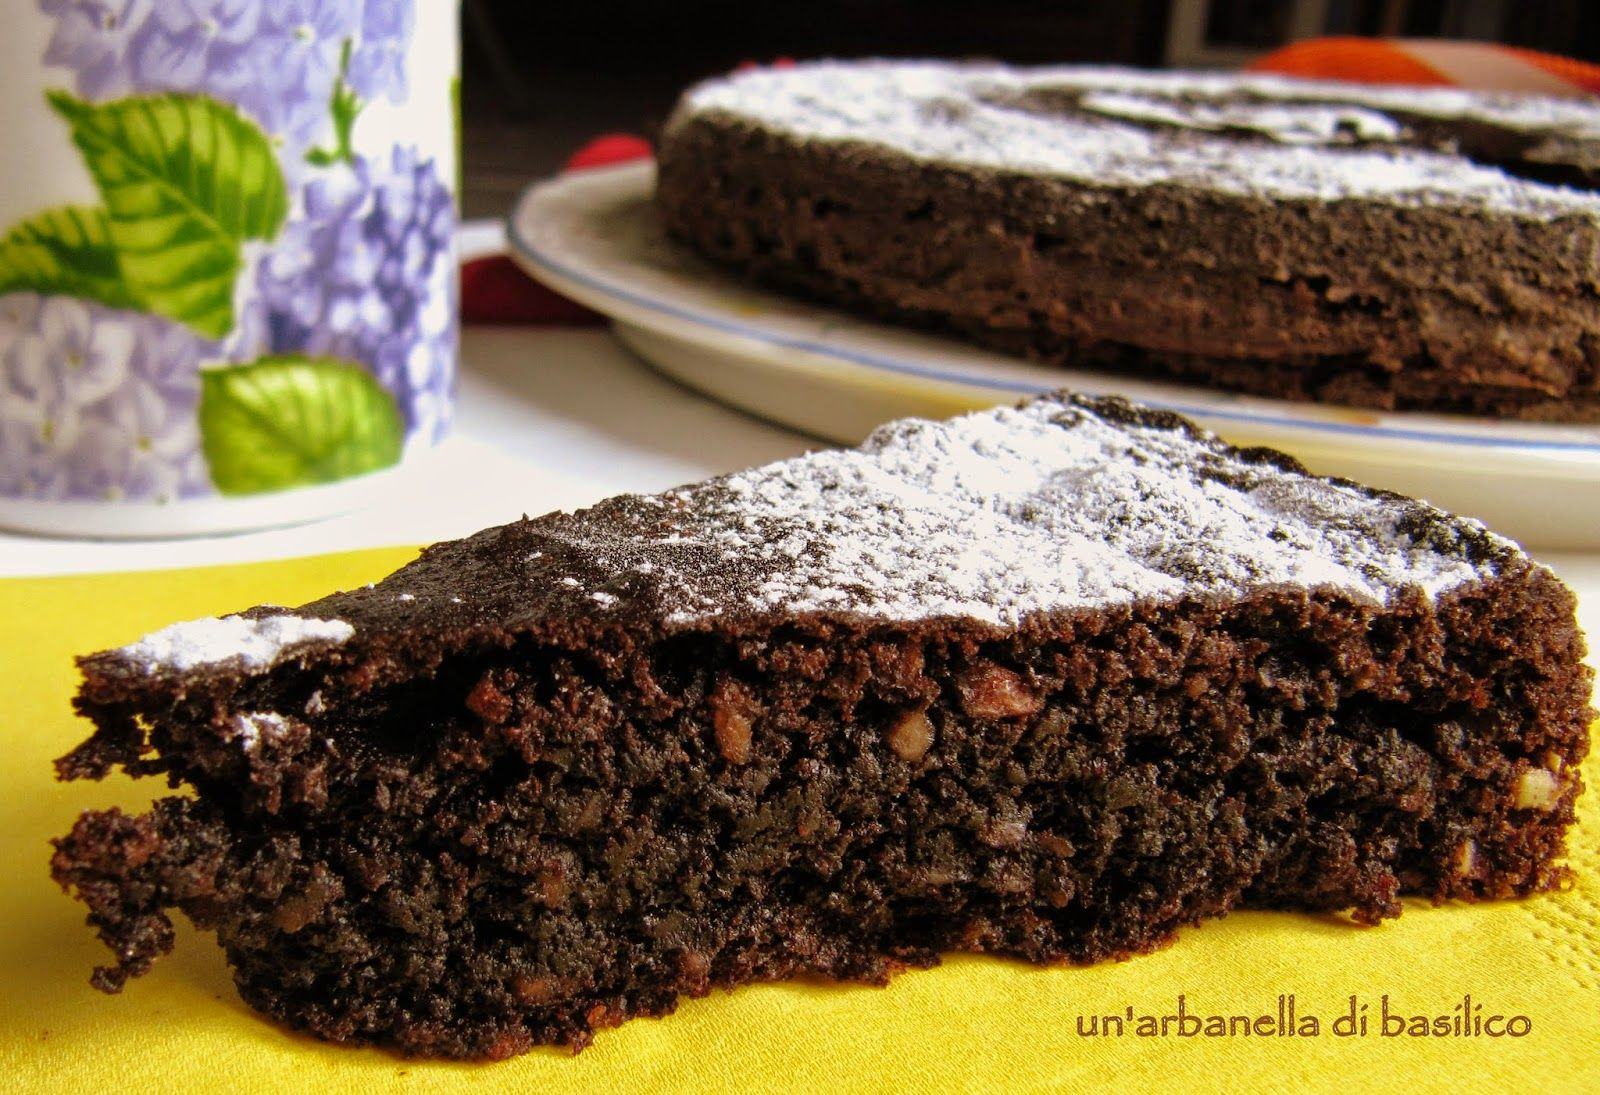 Dolci Da Credenza Biscotti Alle Nocciole : Unarbanella di basilico: litalia nel piatto: torte rustiche dolci